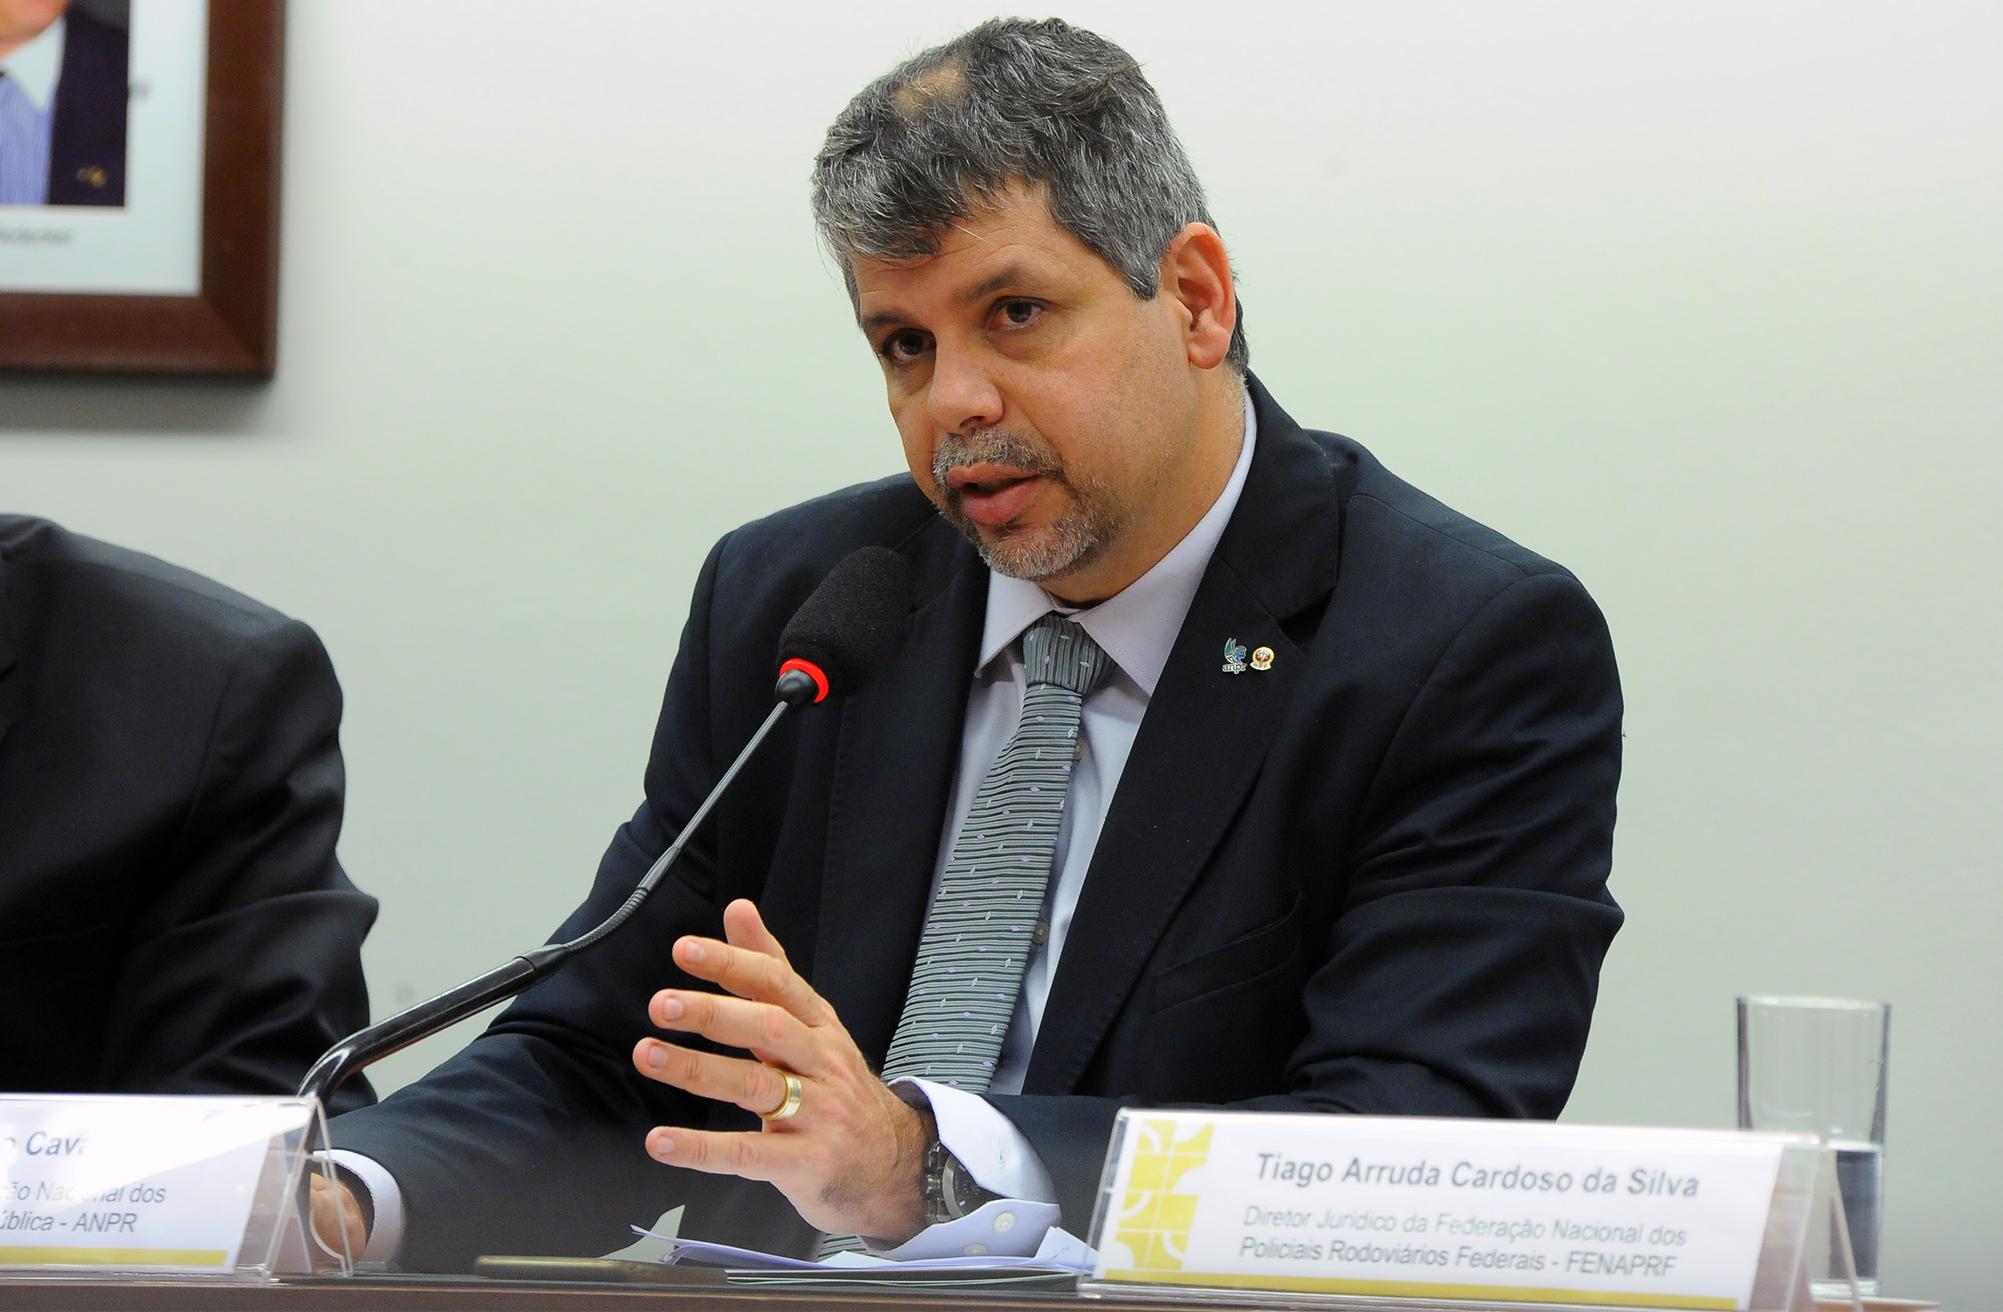 Audiência Pública. Presidente da Associação Nacional dos Procuradores da República - ANPR, JOSÉ ROBALINHO CAVALCANTI